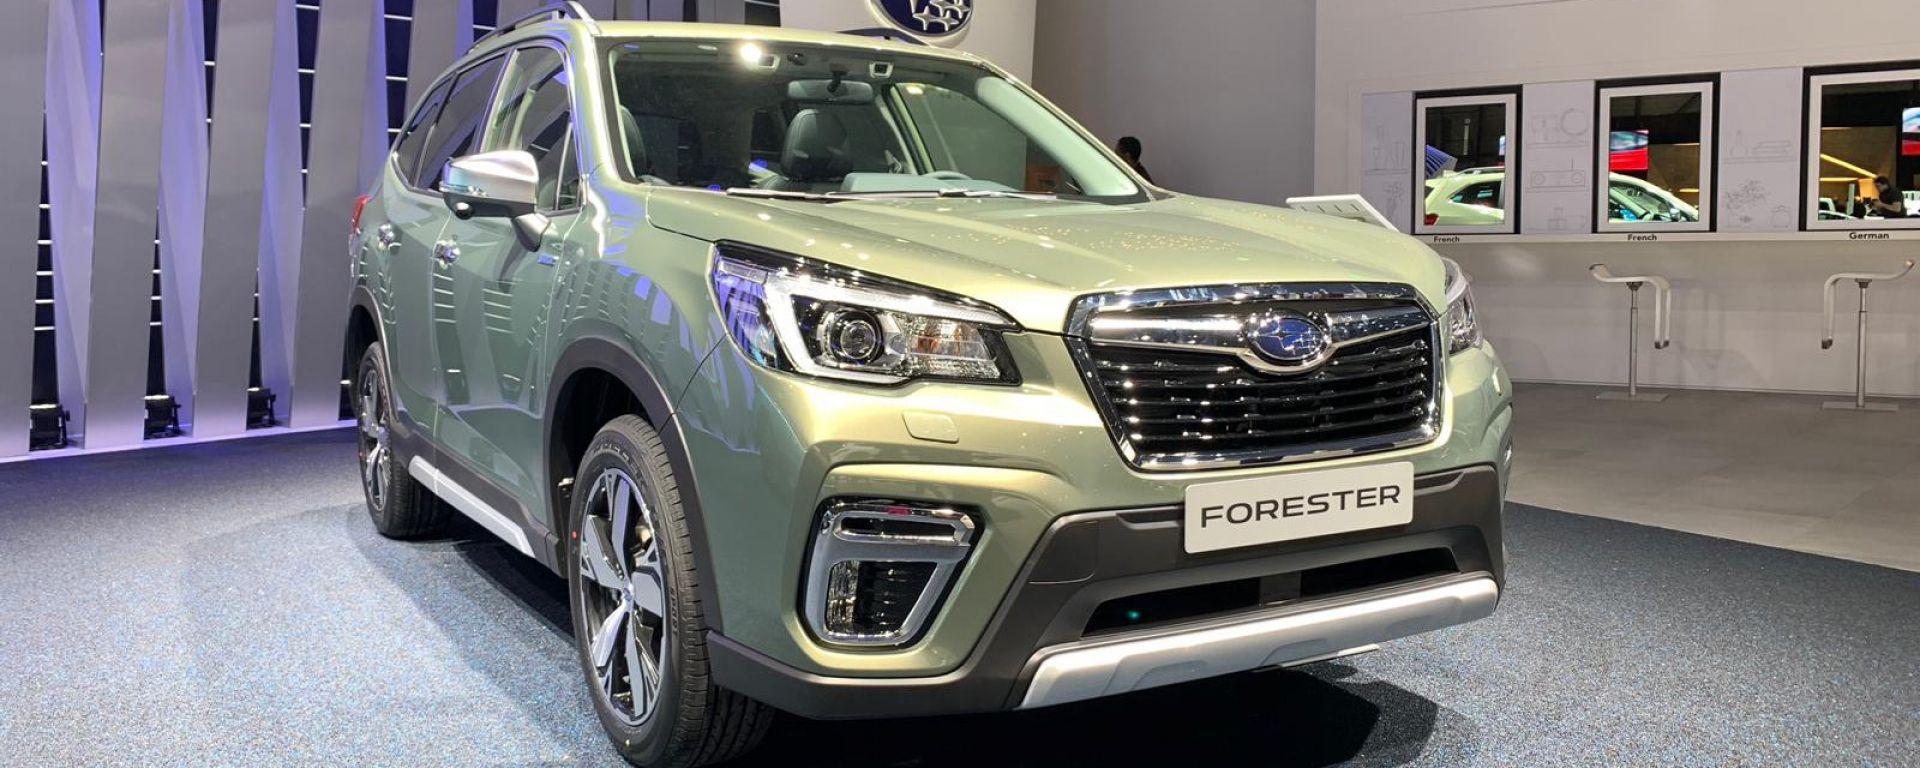 Nuova Subaru Forester: la prima volta dell'ibrido con l'e-boxer